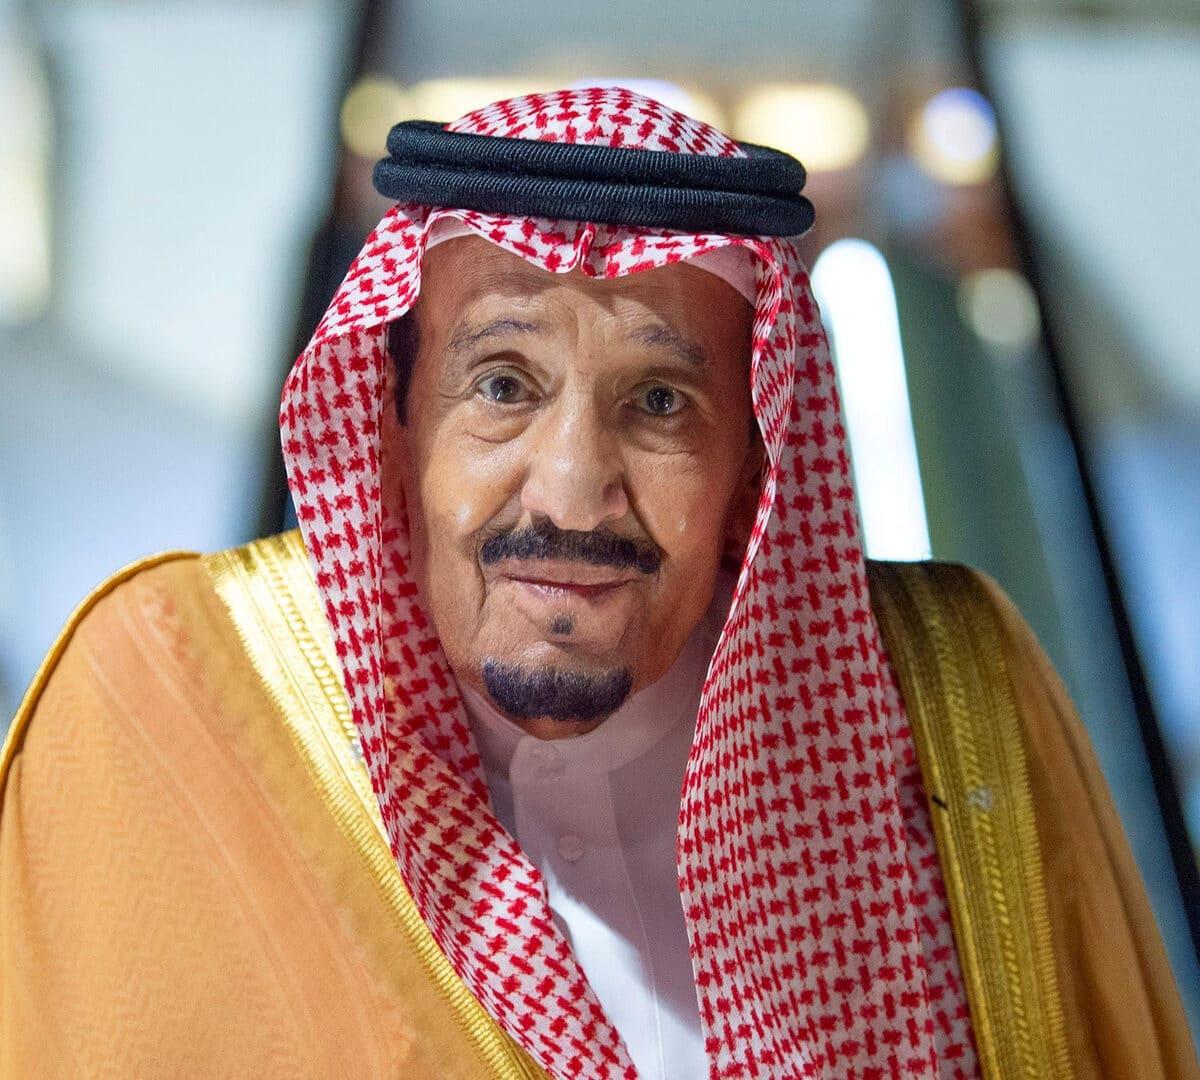 سعد الفقيه يكشف عن مرض الملك سلمان وقصة محمد بن نايف